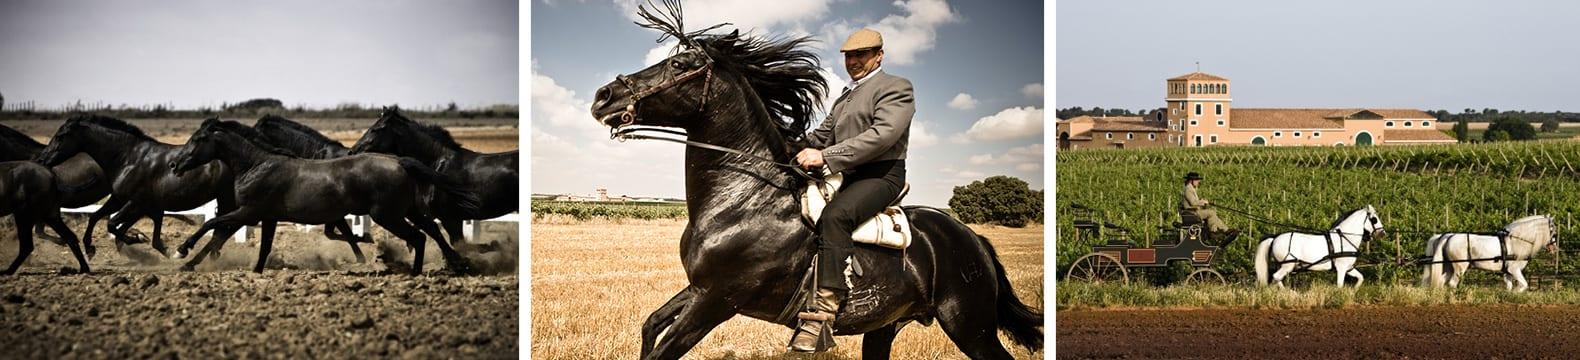 Impressie: paarden op de Finca, een koets voor de wijnmakerij